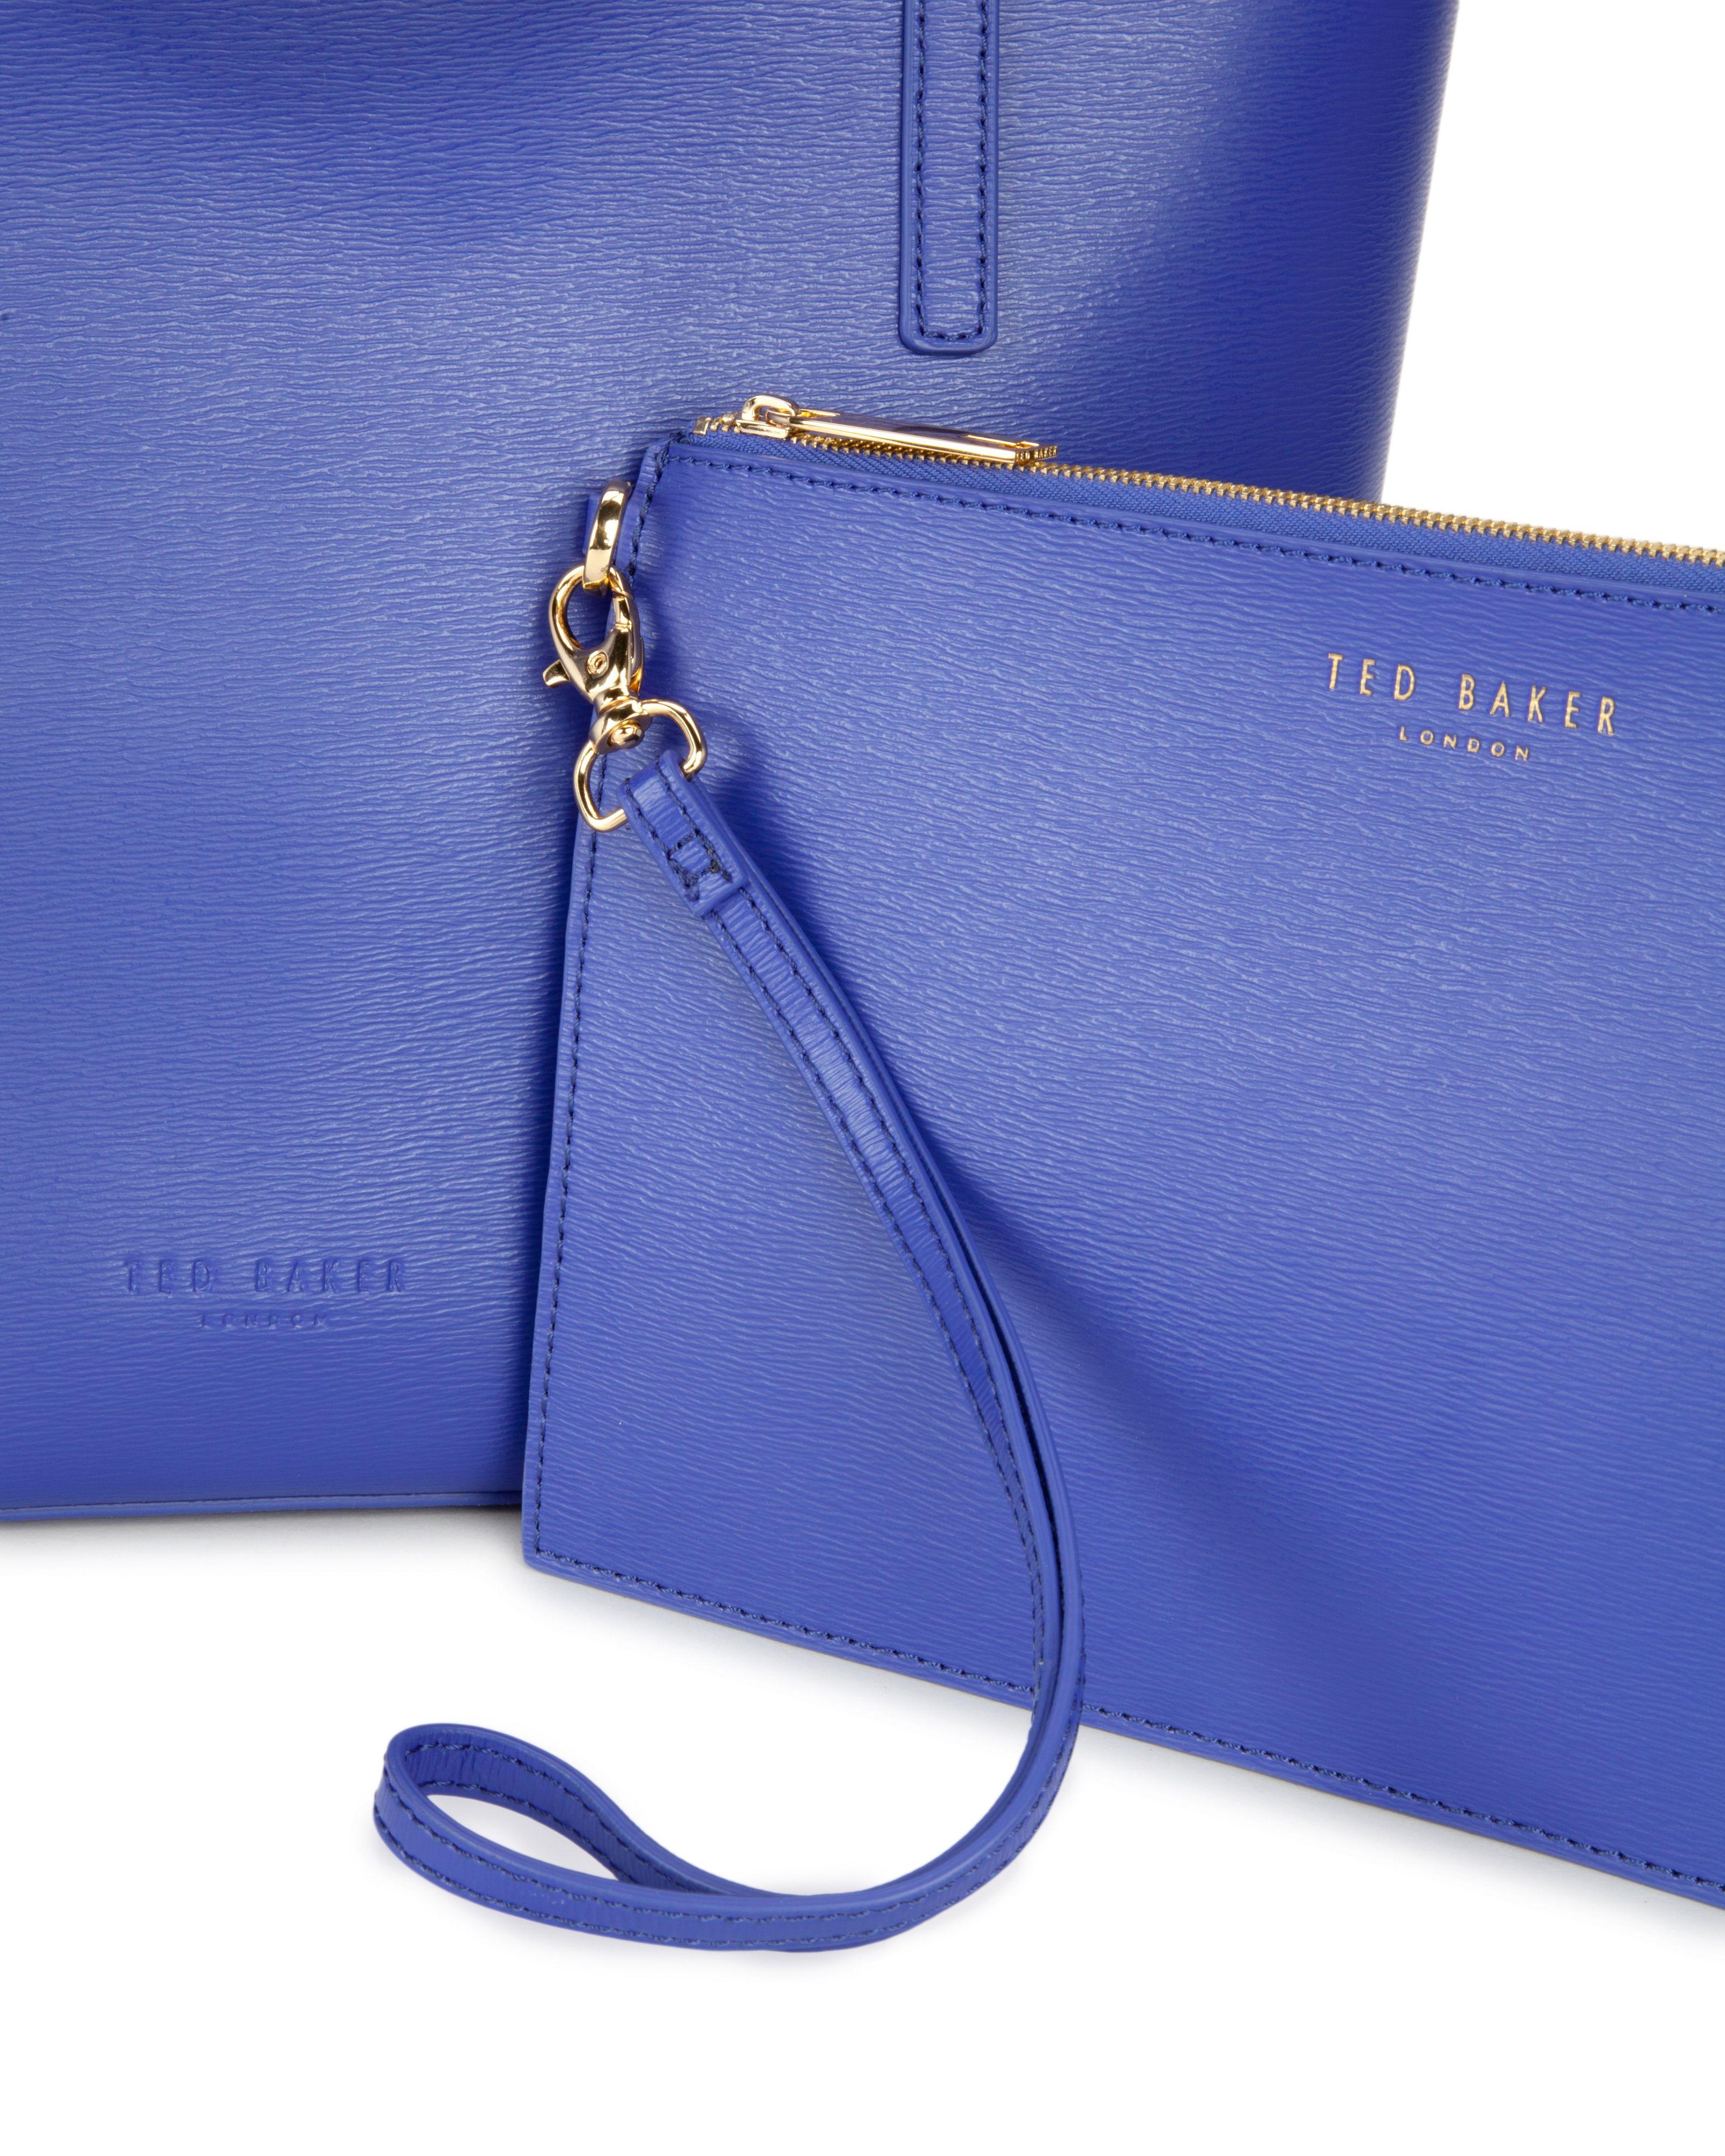 Ted Baker Isbellz Zip Top Crosshatch Shopper in Blue